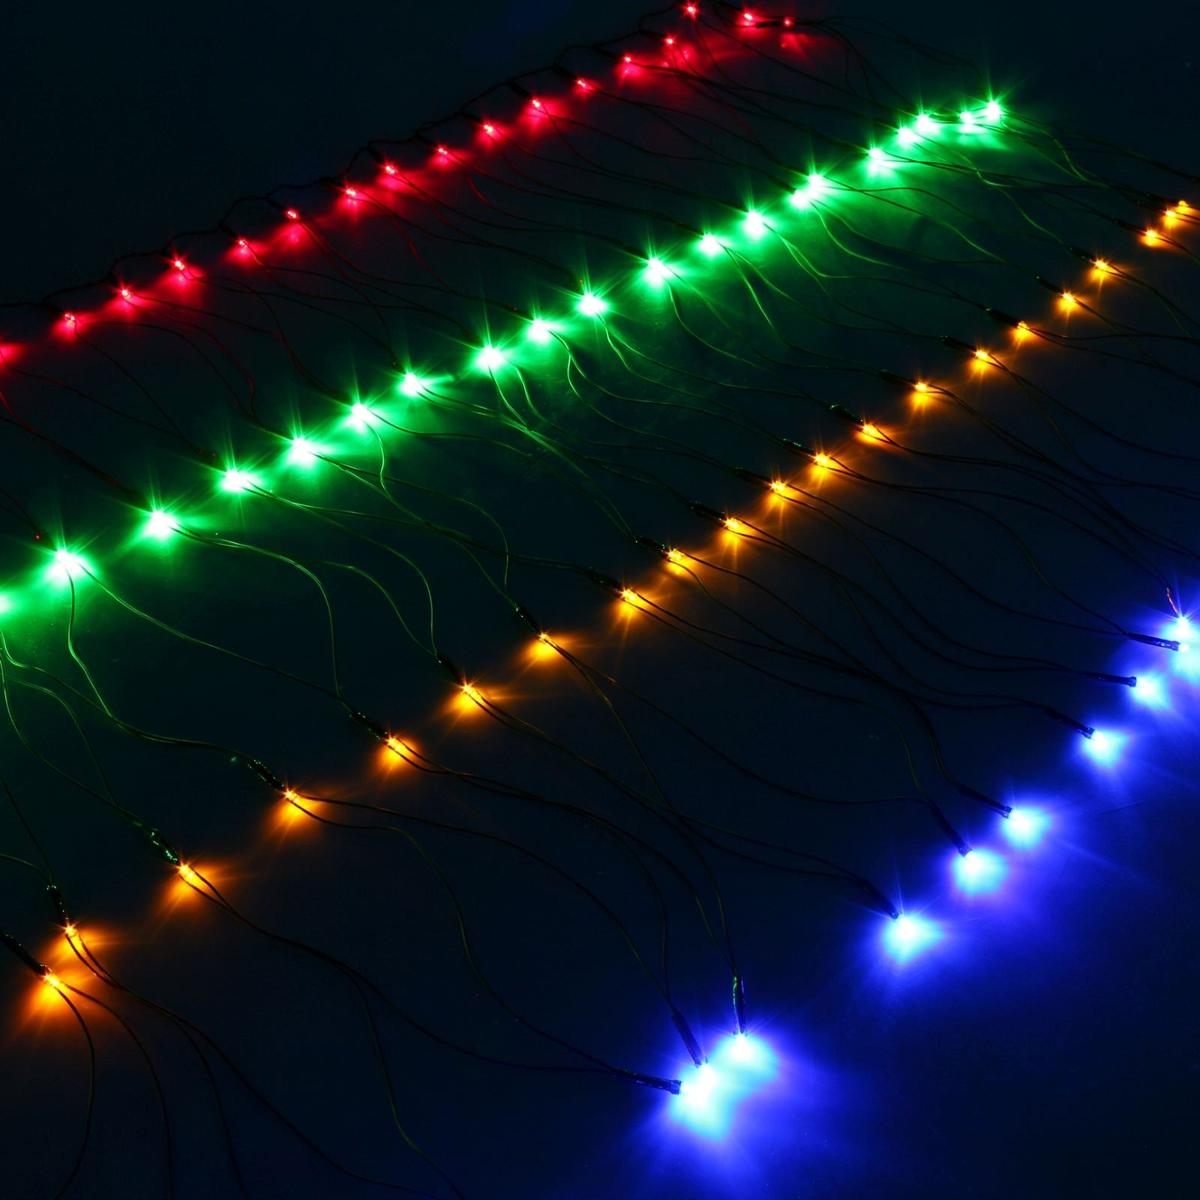 Гирлянда Luazon Сетка, длина 0,7 м, LED 96 ламп, 220V, цвет: мультиколор. 671621671621Светодиодные гирлянды, ленты и т.д — это отличный вариант для новогоднего оформления интерьера или фасада. С их помощью помещение любого размера можно превратить в праздничный зал, а внешние элементы зданий, украшенные ими, мгновенно станут напоминать очертания сказочного дворца. Такие украшения создают ауру предвкушения чуда. Деревья, фасады, витрины, окна и арки будто специально созданы, чтобы вы украсили их светящимися нитями.